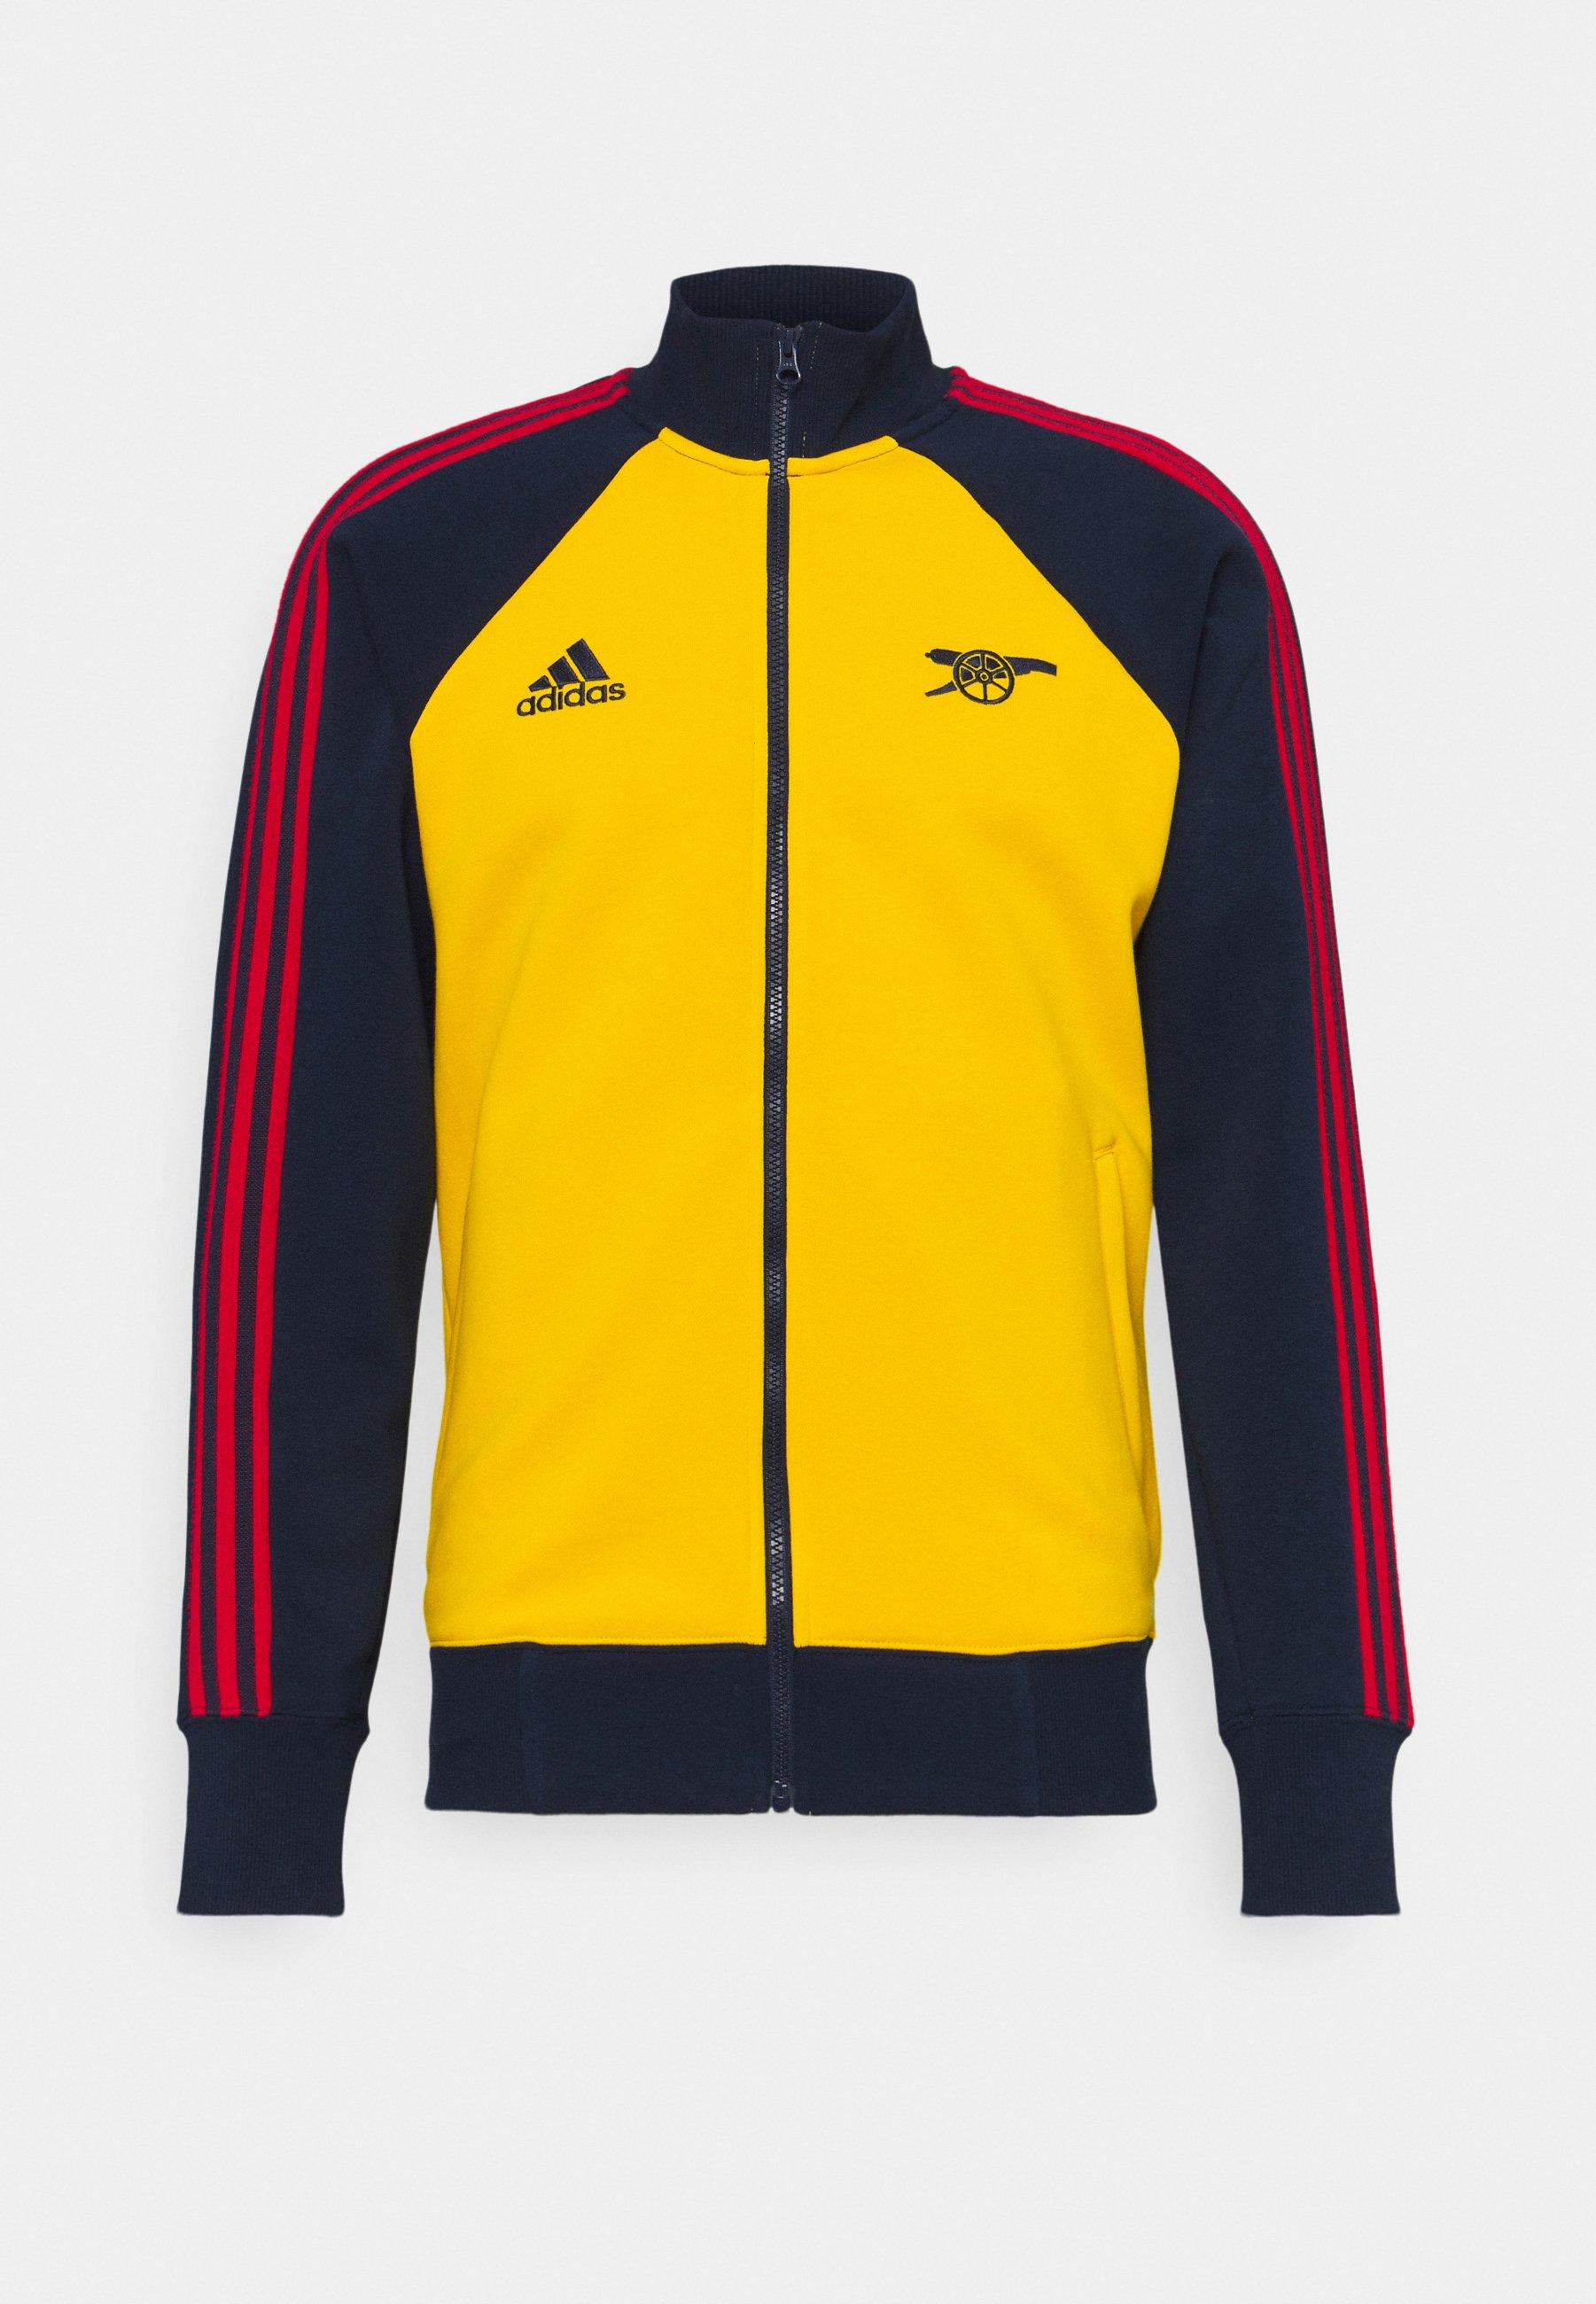 Adidas Schweden adidas Z.N.E. Sweatjacke Herren Gelb im